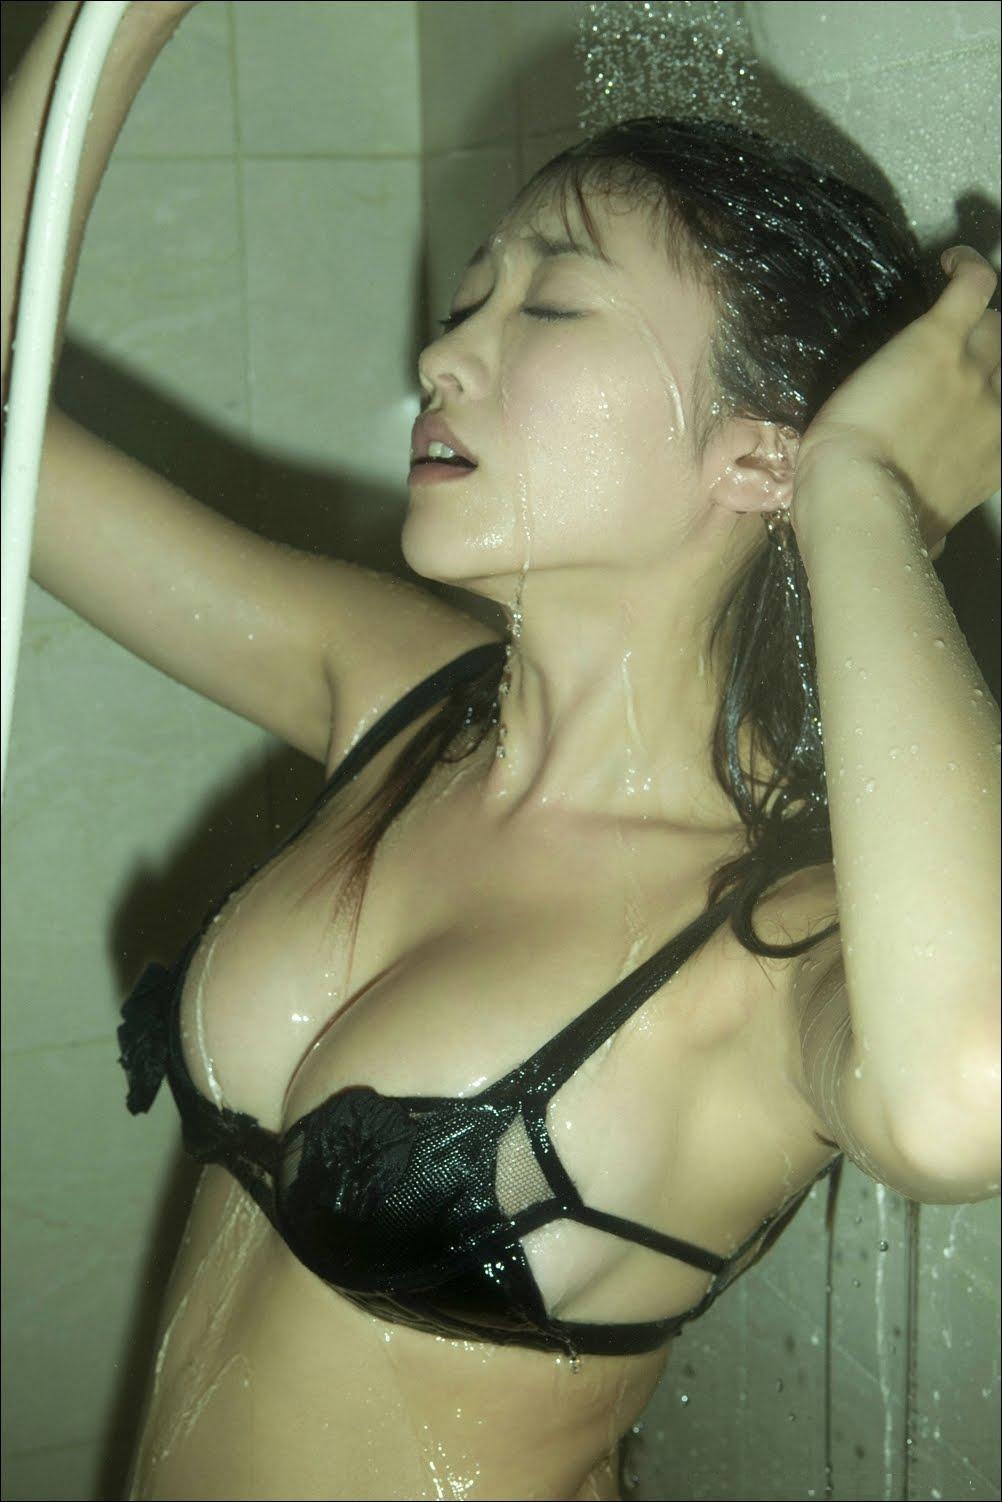 https://i2.wp.com/3.bp.blogspot.com/-XCKE97N_018/Ths7AmZZQGI/AAAAAAAAAgM/-QF2gdFxjUk/s1600/ShowerPan1.jpg